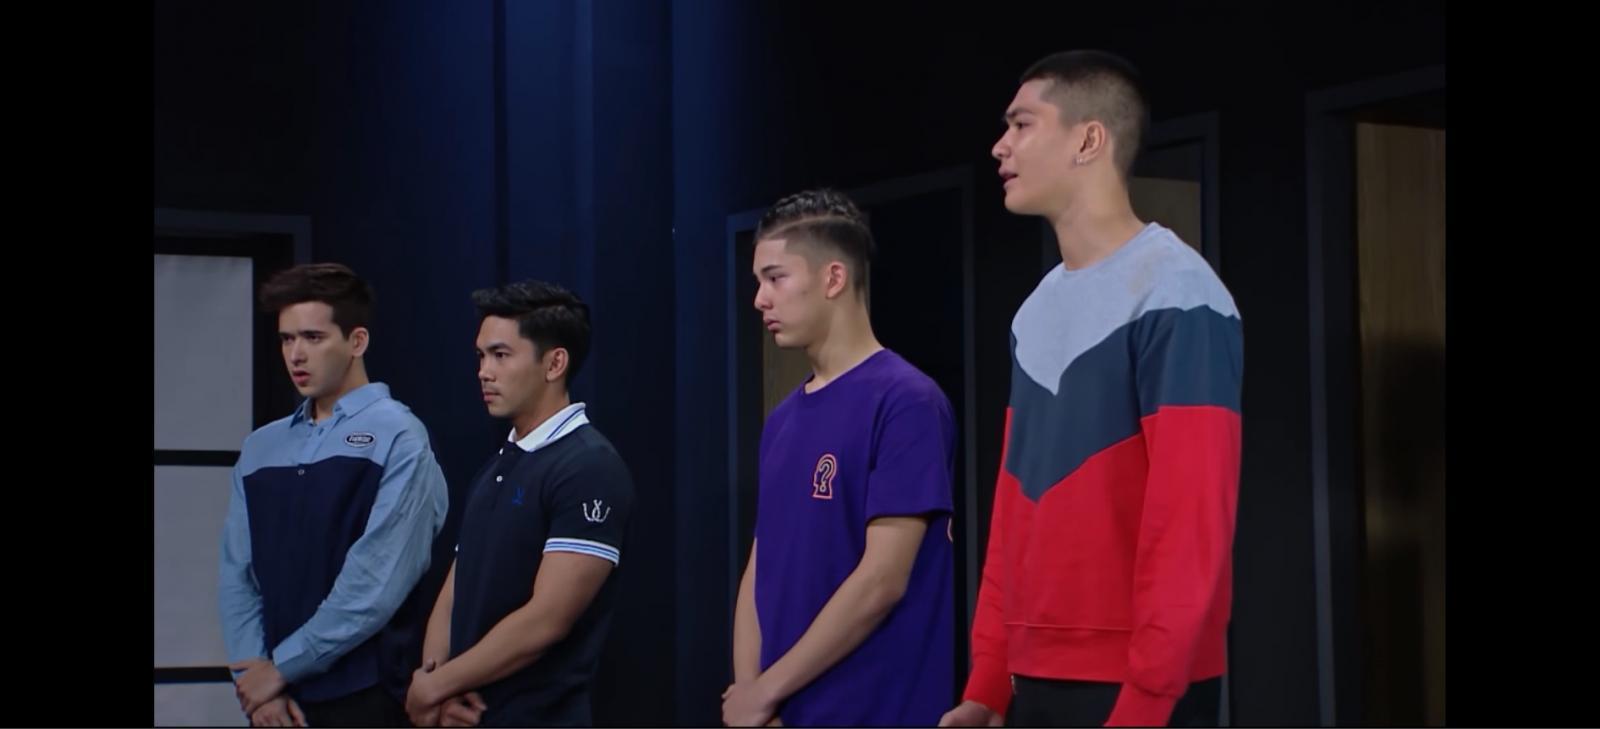 """ห้องดำสะเทือน """"มาสเตอร์ลูกเกด"""" ฟัน 4 ลูกทีมพ้น """"The Face Men Thailand ซีซั่น 2"""""""